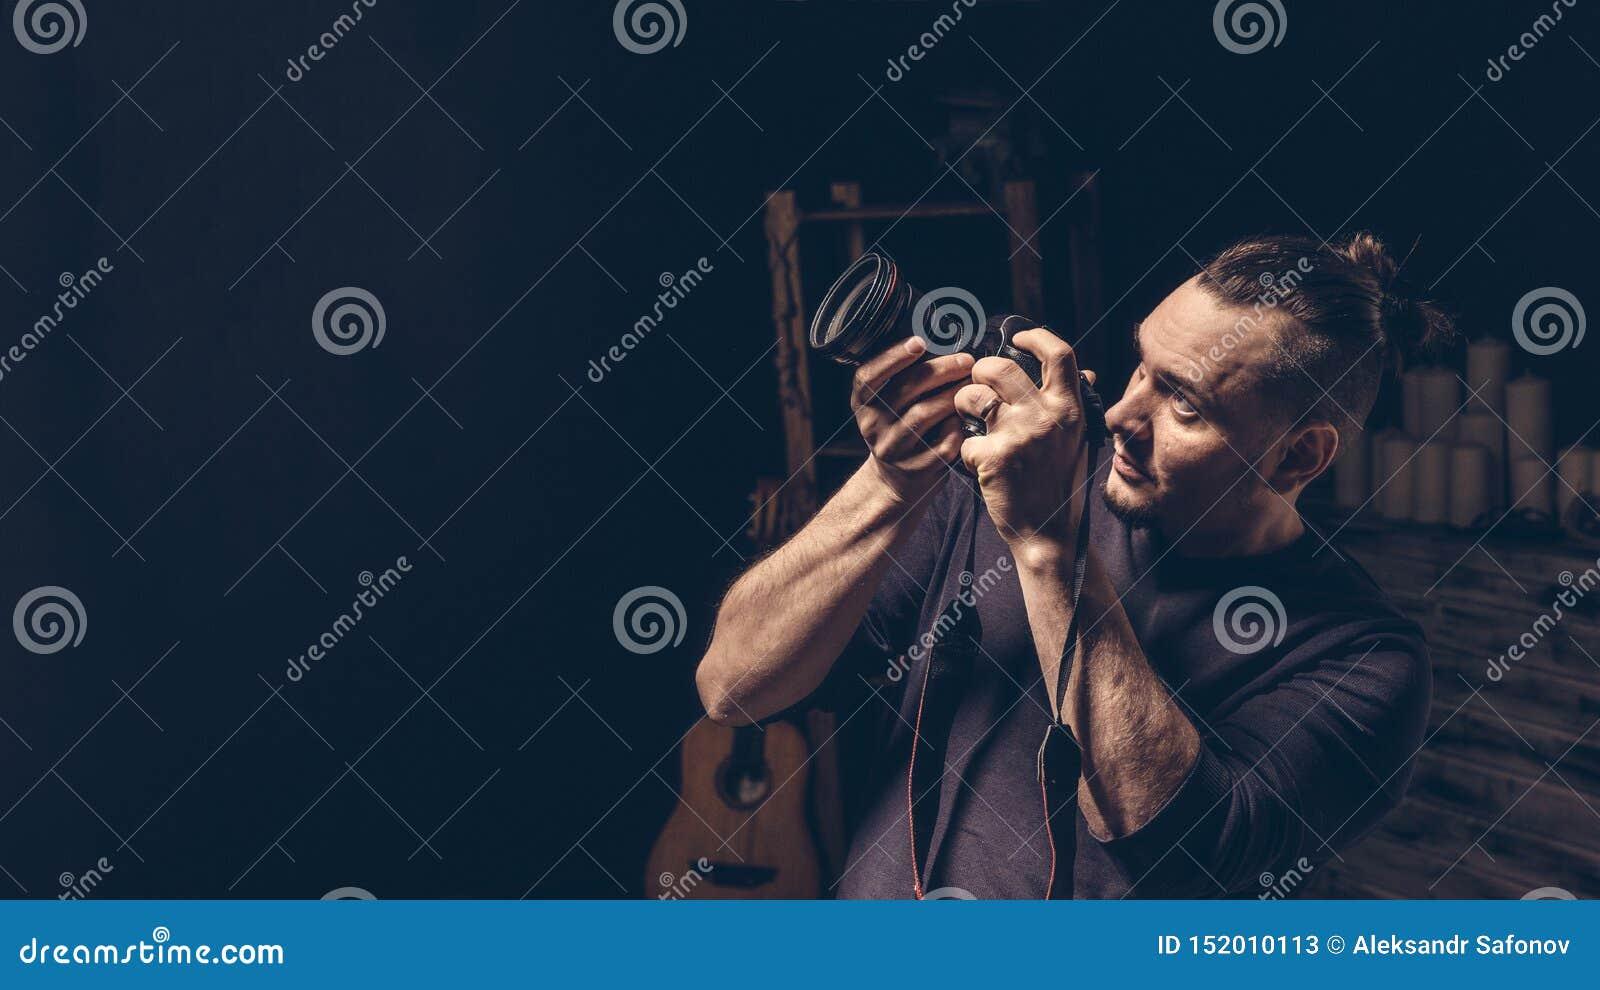 摄影师在他的瞄准观看的手上拿着照相机